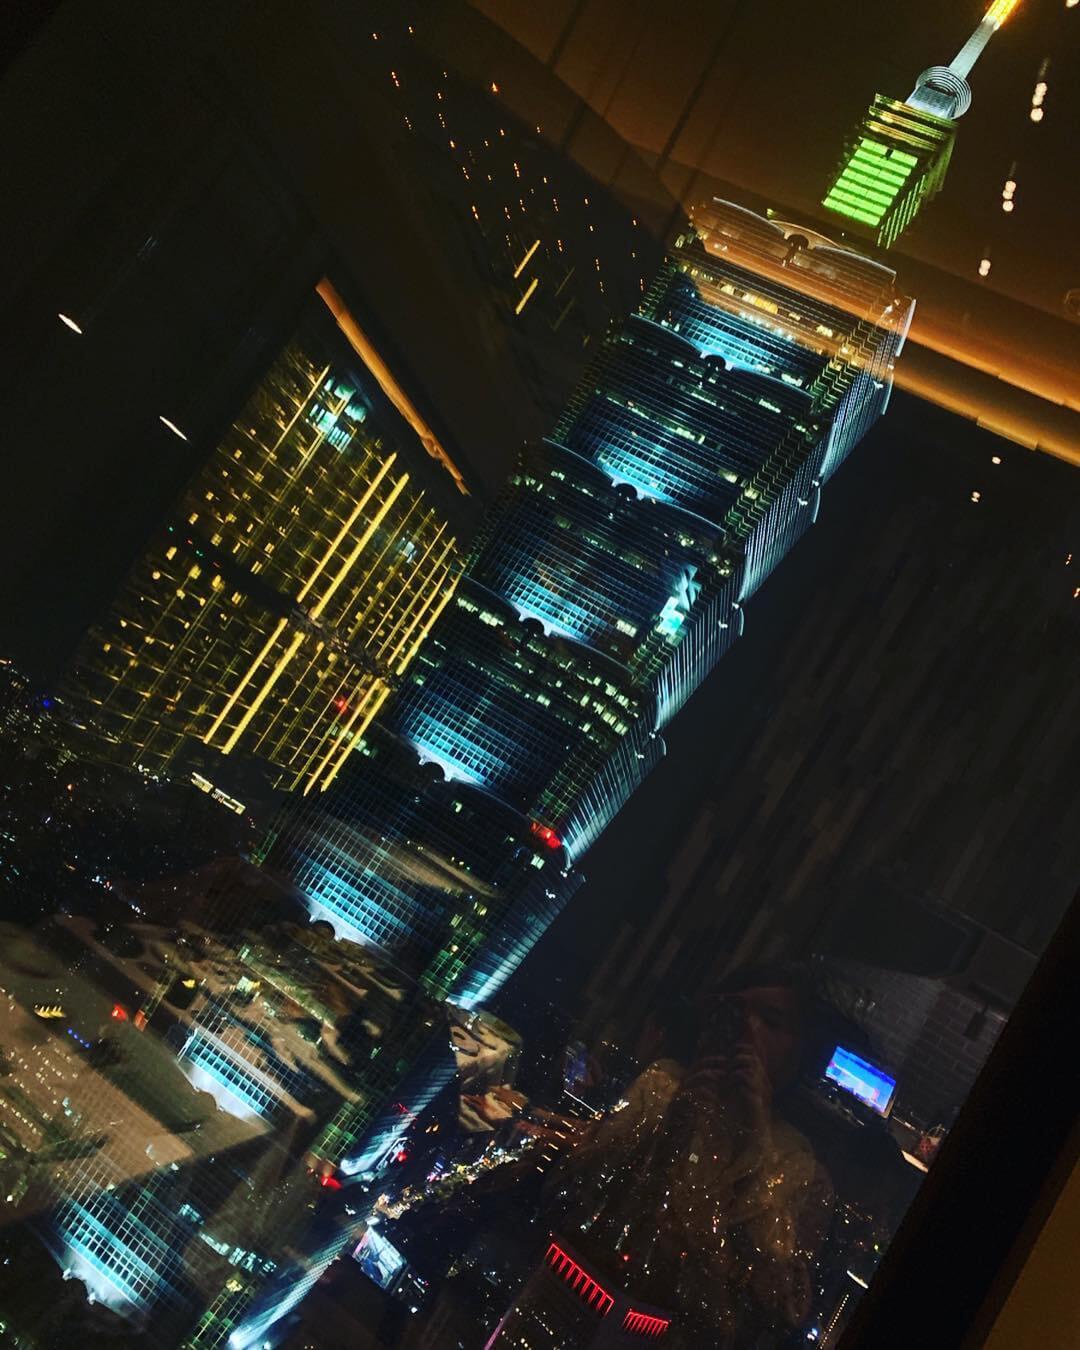 Smith & Wollensky之夜景。(圖/吐司客拍攝)